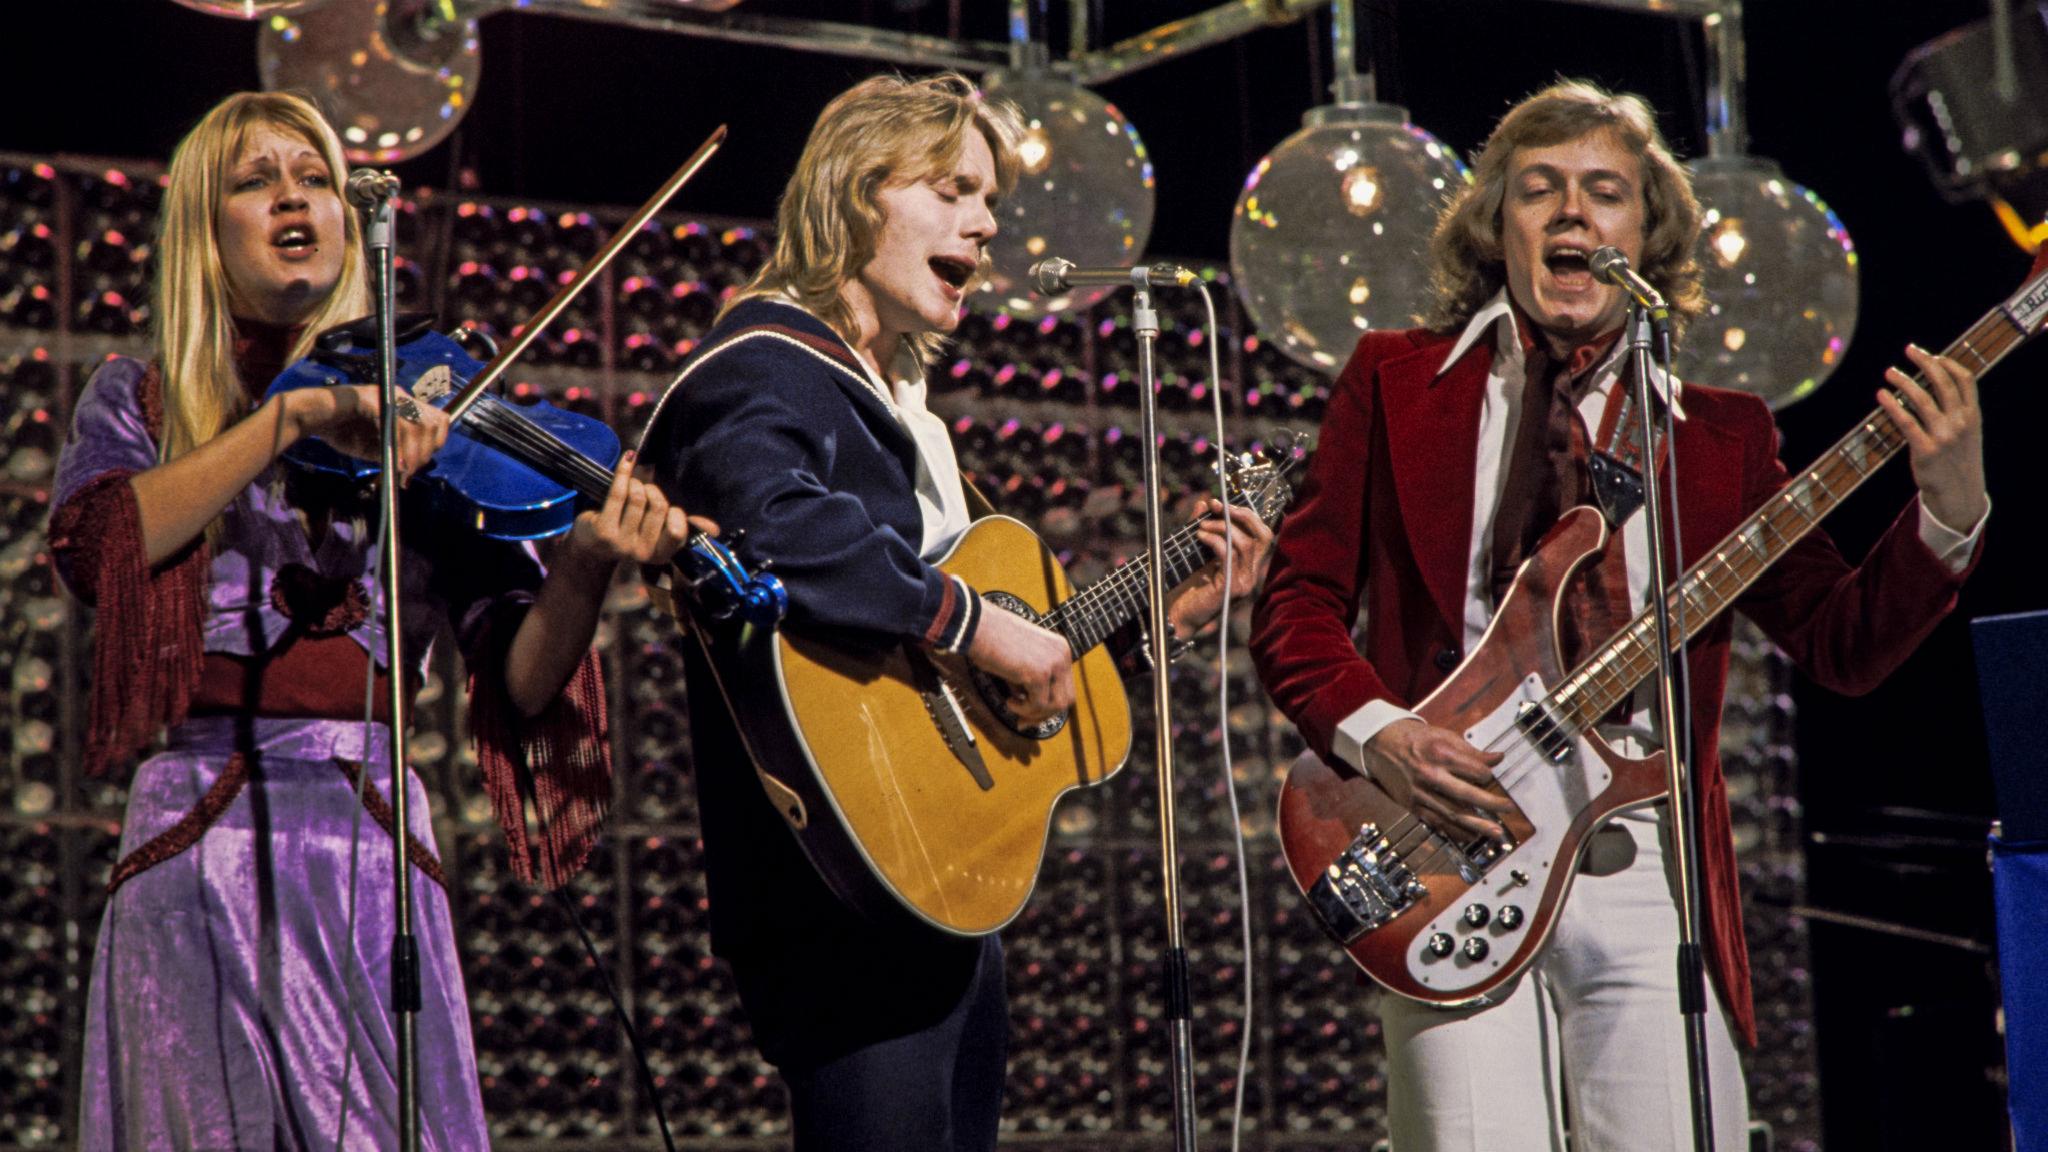 Landslaget, Lena-Maria & Björn Skifs stod för det svenska på Tio i Topp 29/9 1973